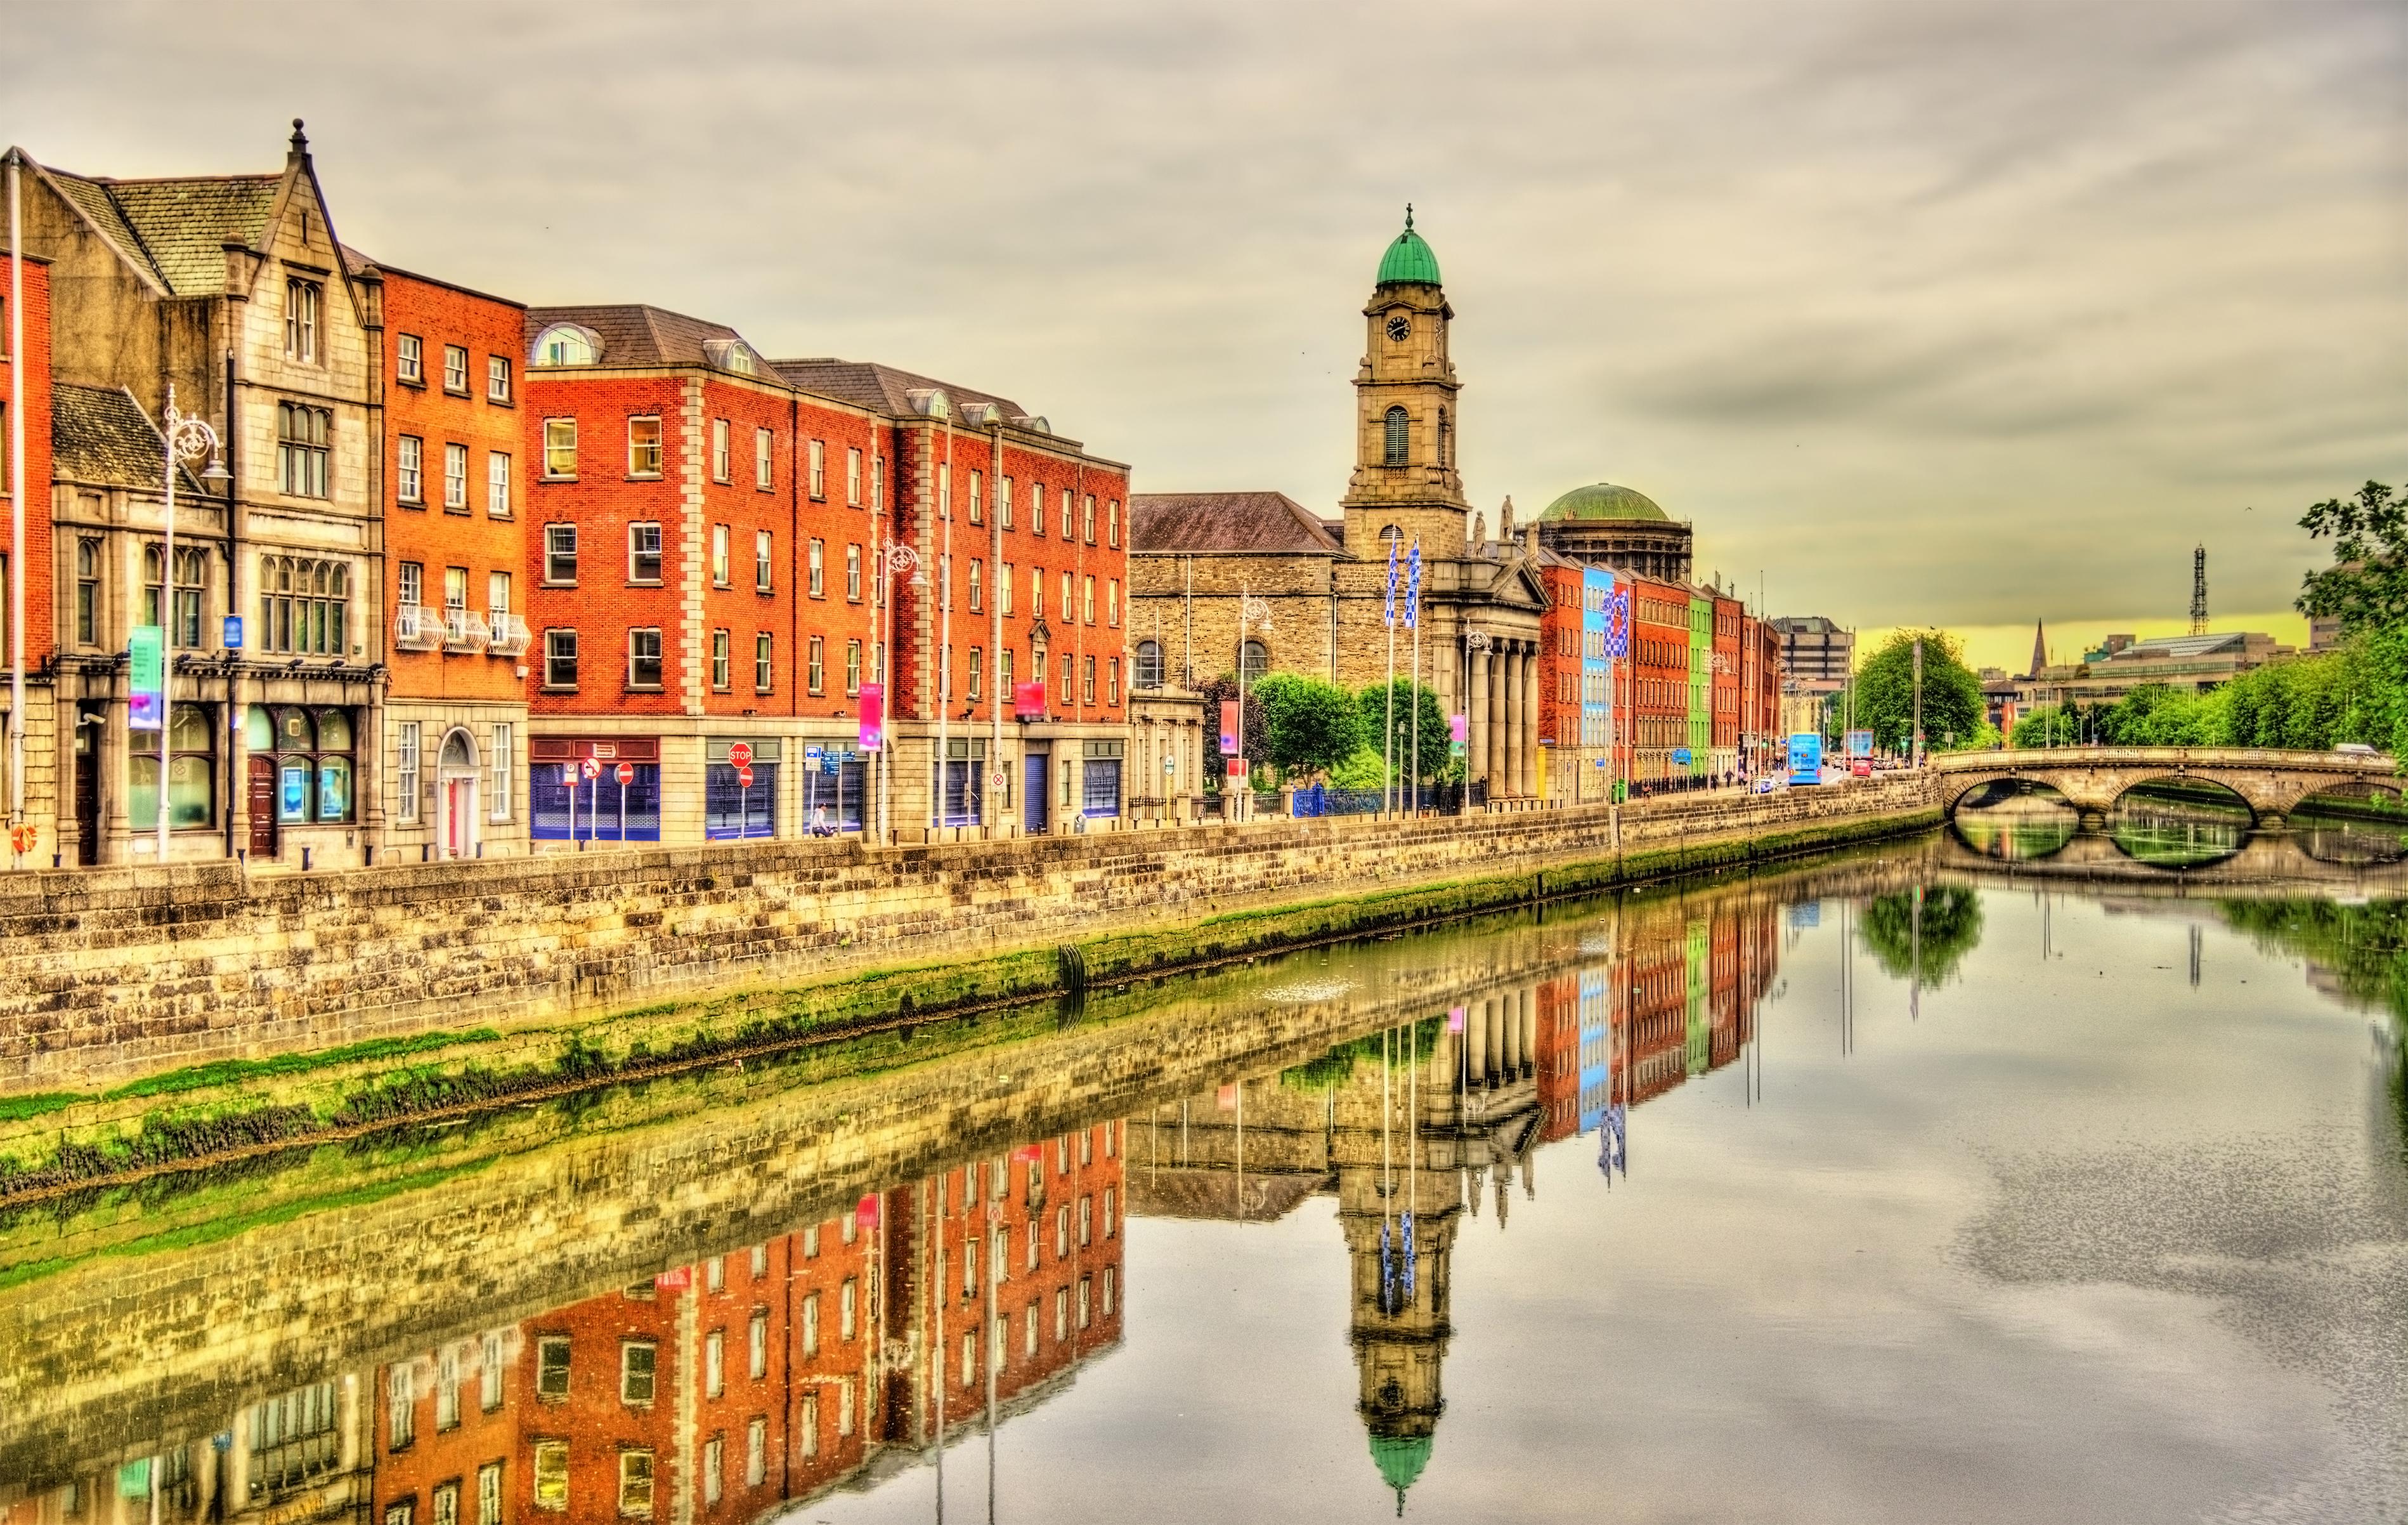 Дублин, столица Ирландии, ПМЖ которой могут получить иностранцы